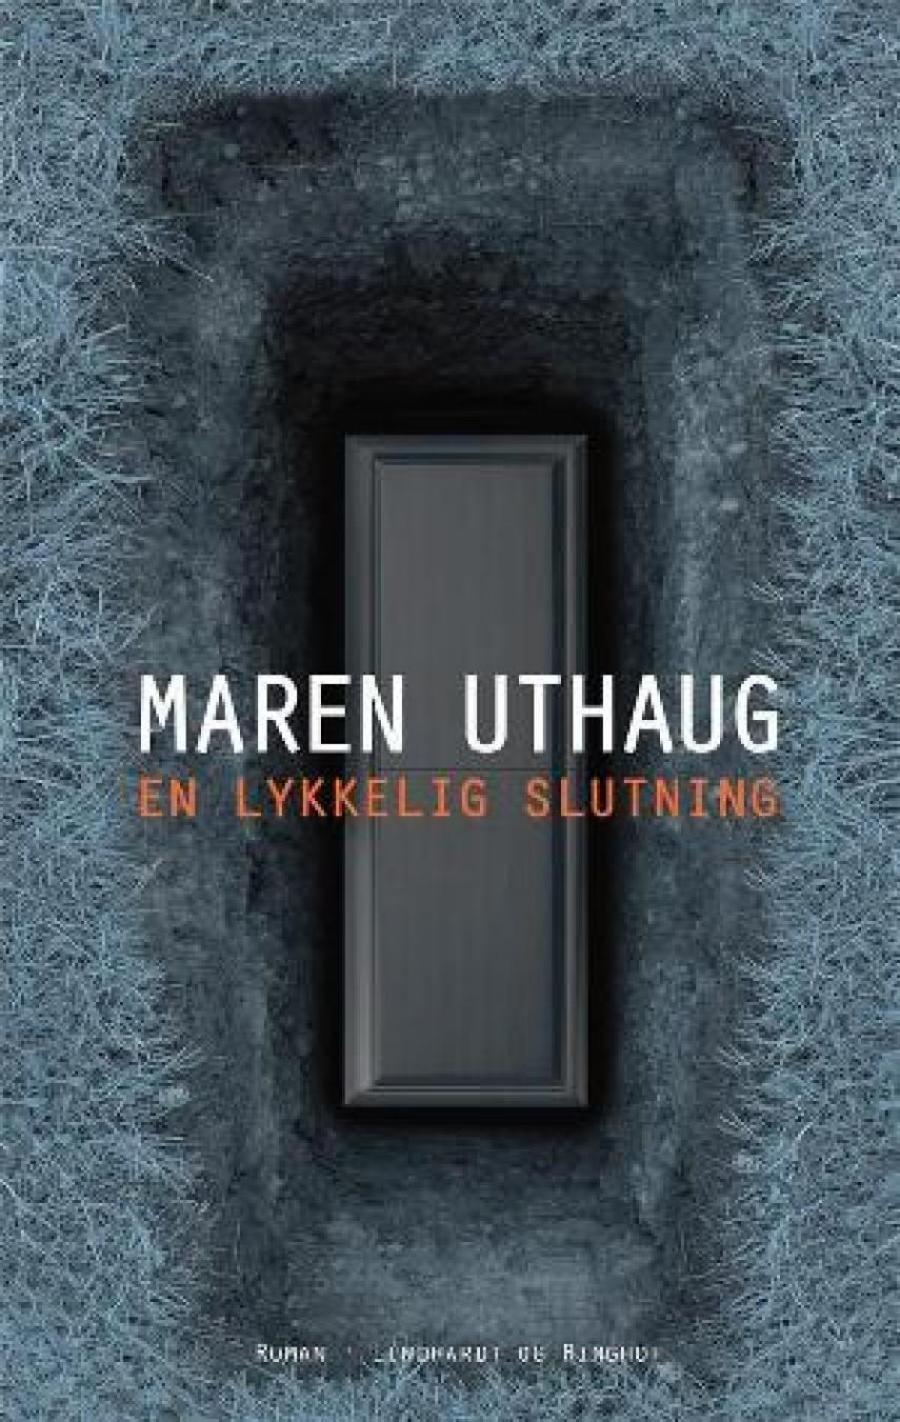 Billede af bogen En lykkelig slutning af Maren Uthaug